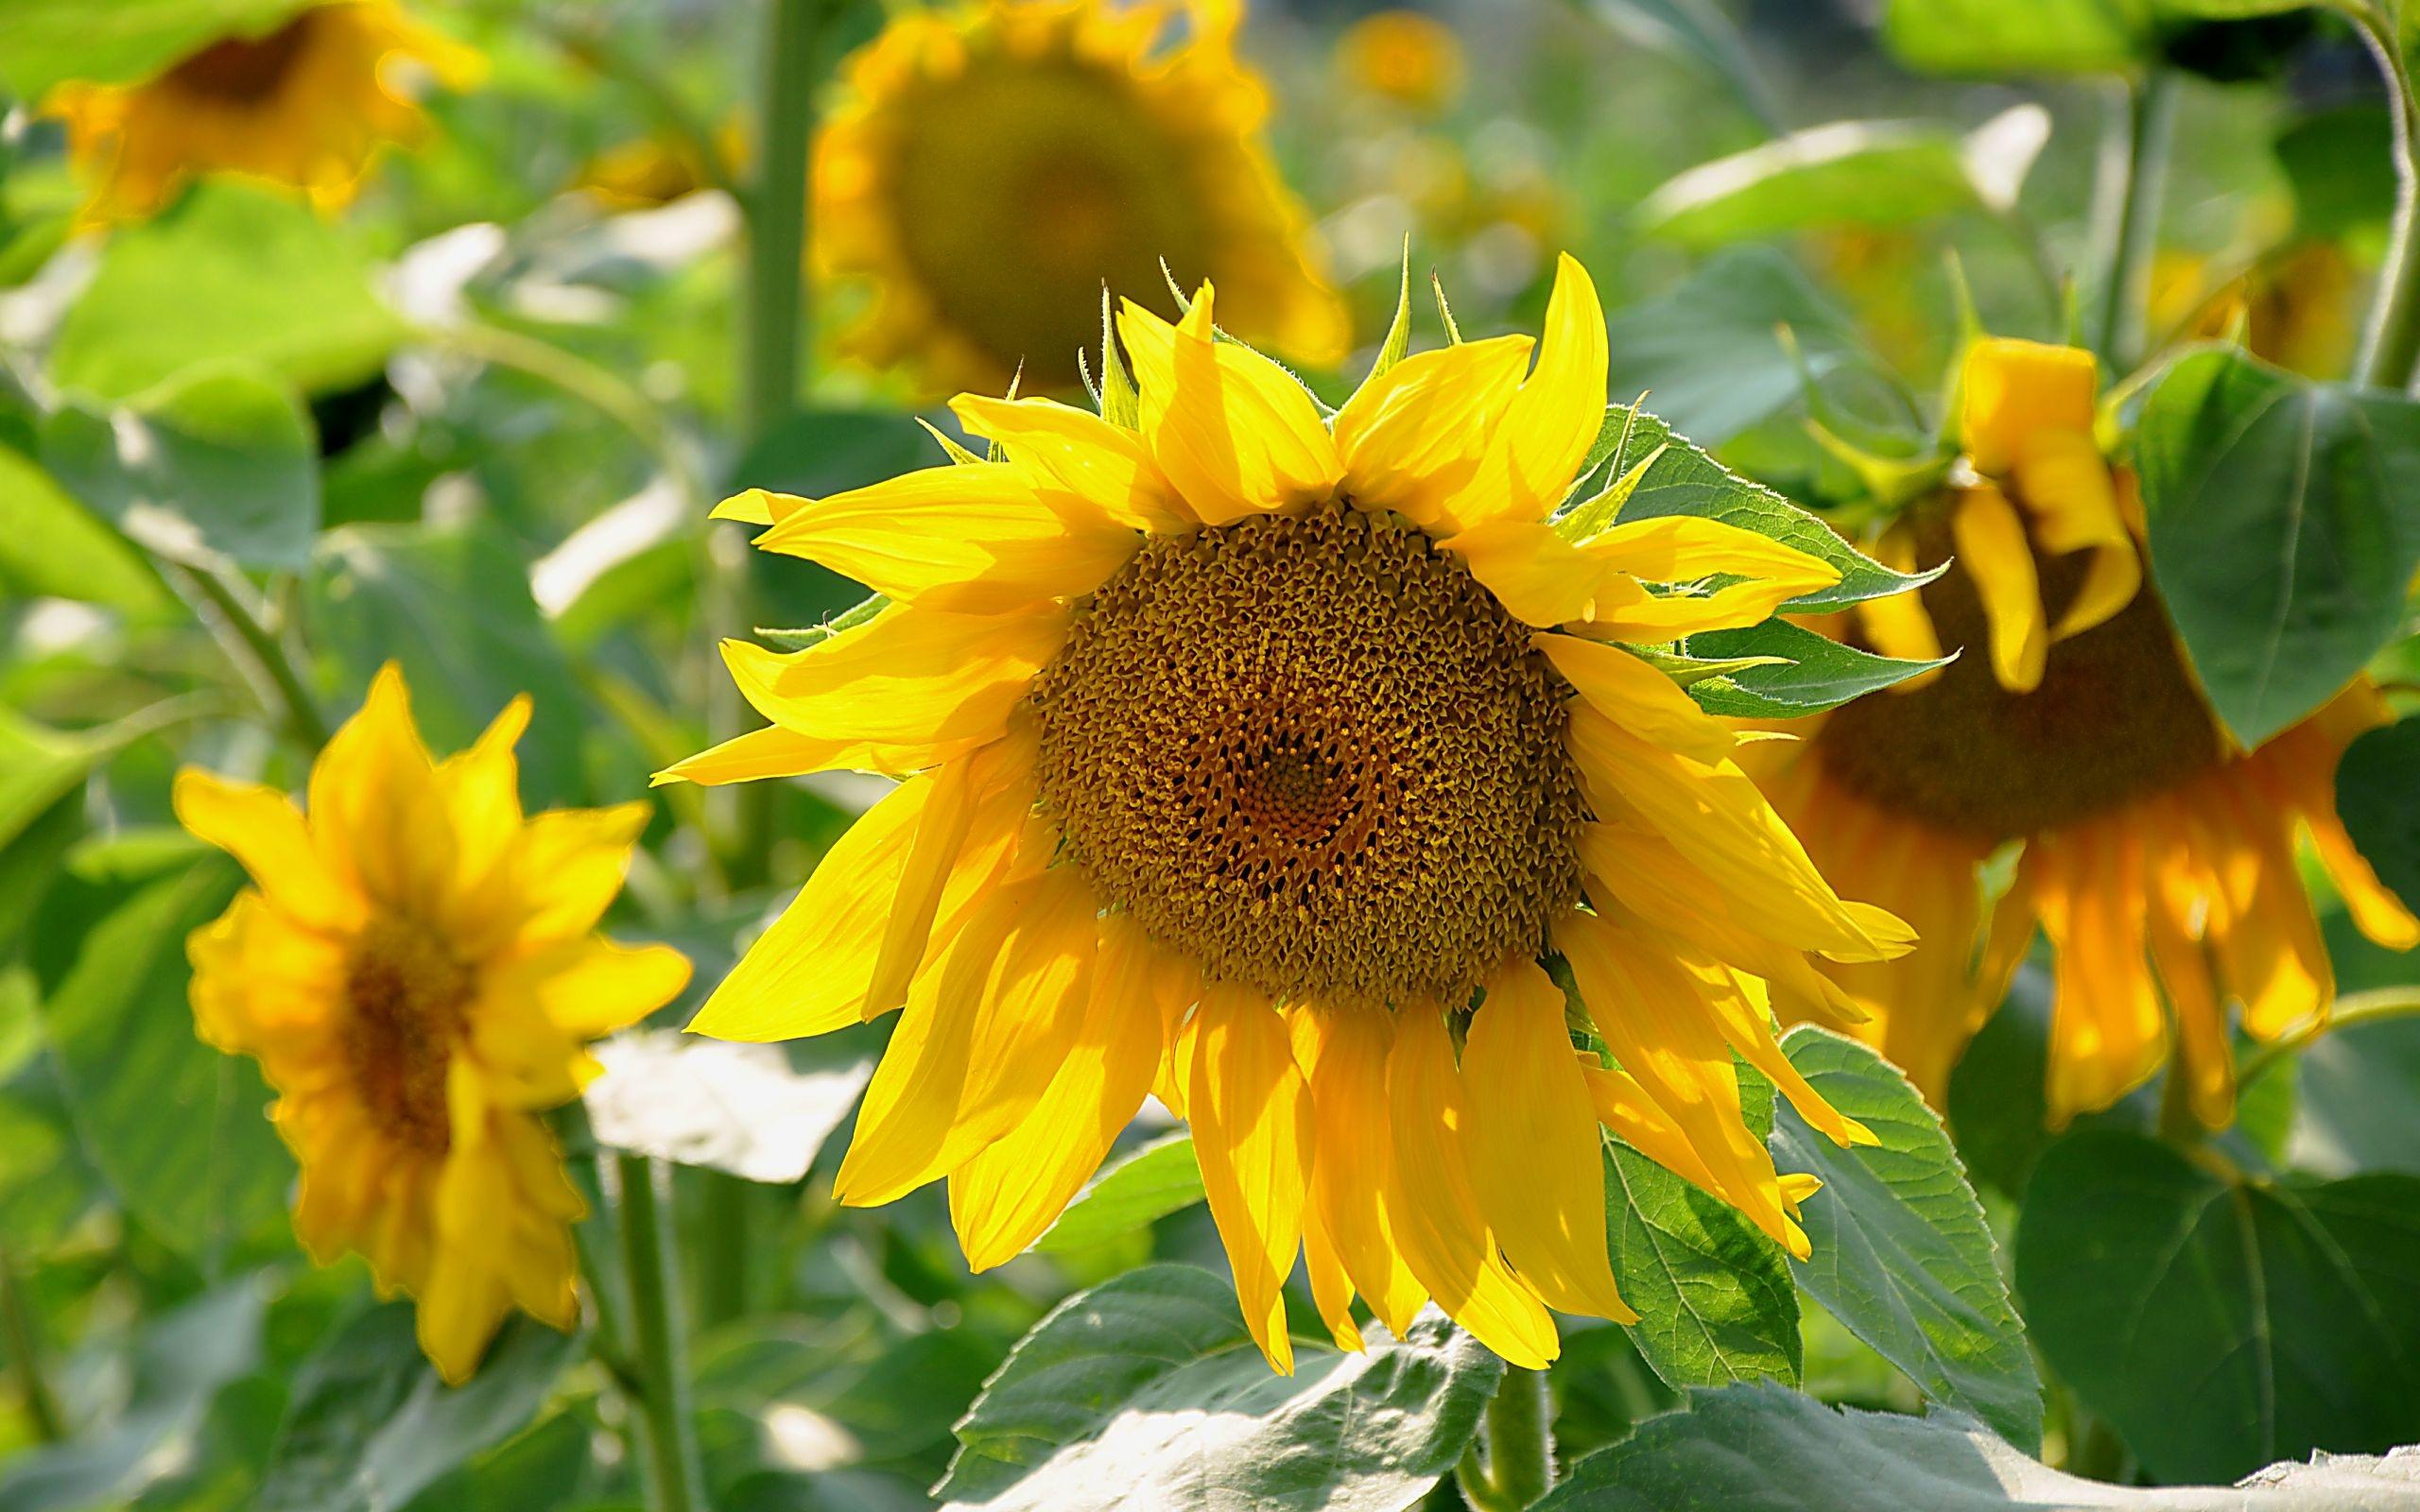 35119 descargar fondo de pantalla Plantas, Flores, Girasoles: protectores de pantalla e imágenes gratis